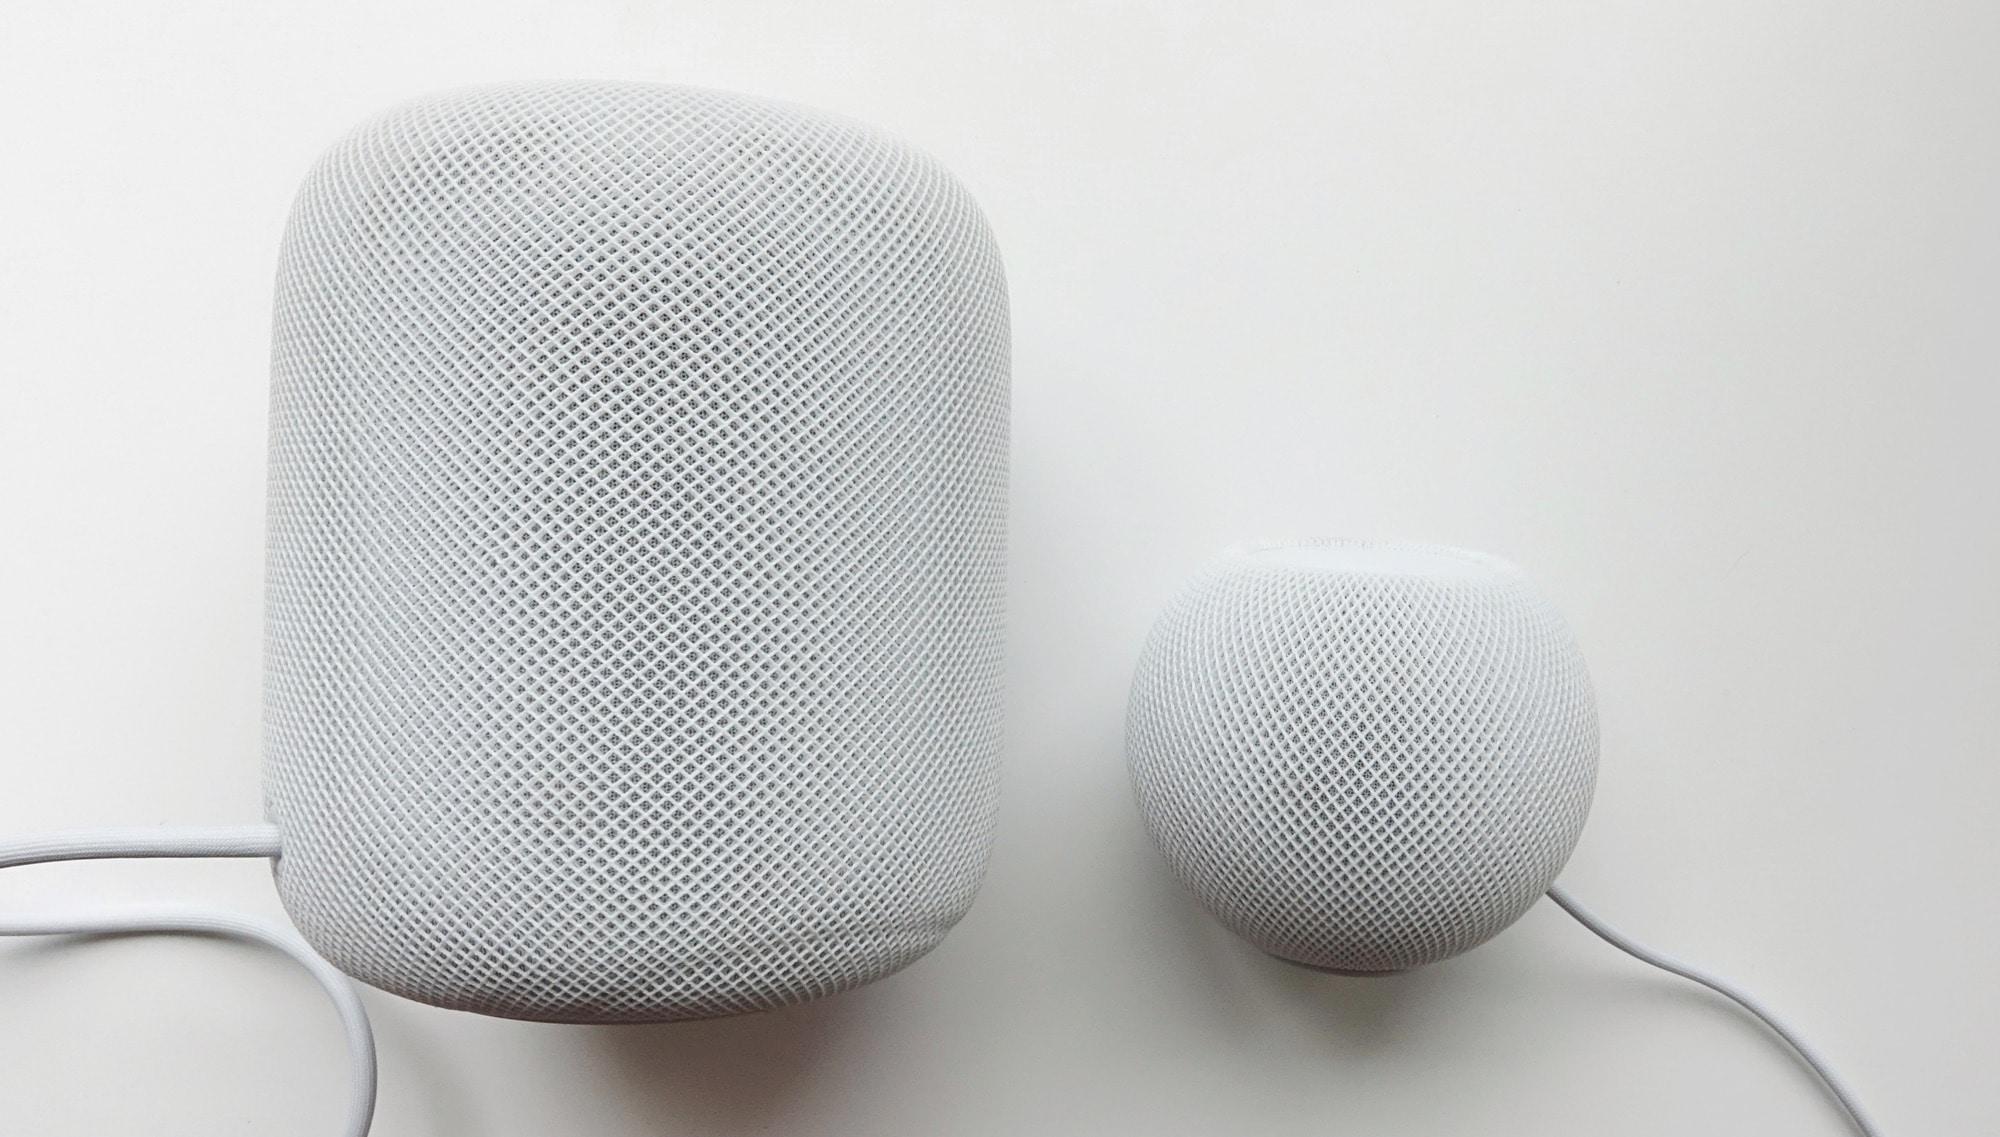 HomePod (left) vs HomePod Mini (right)